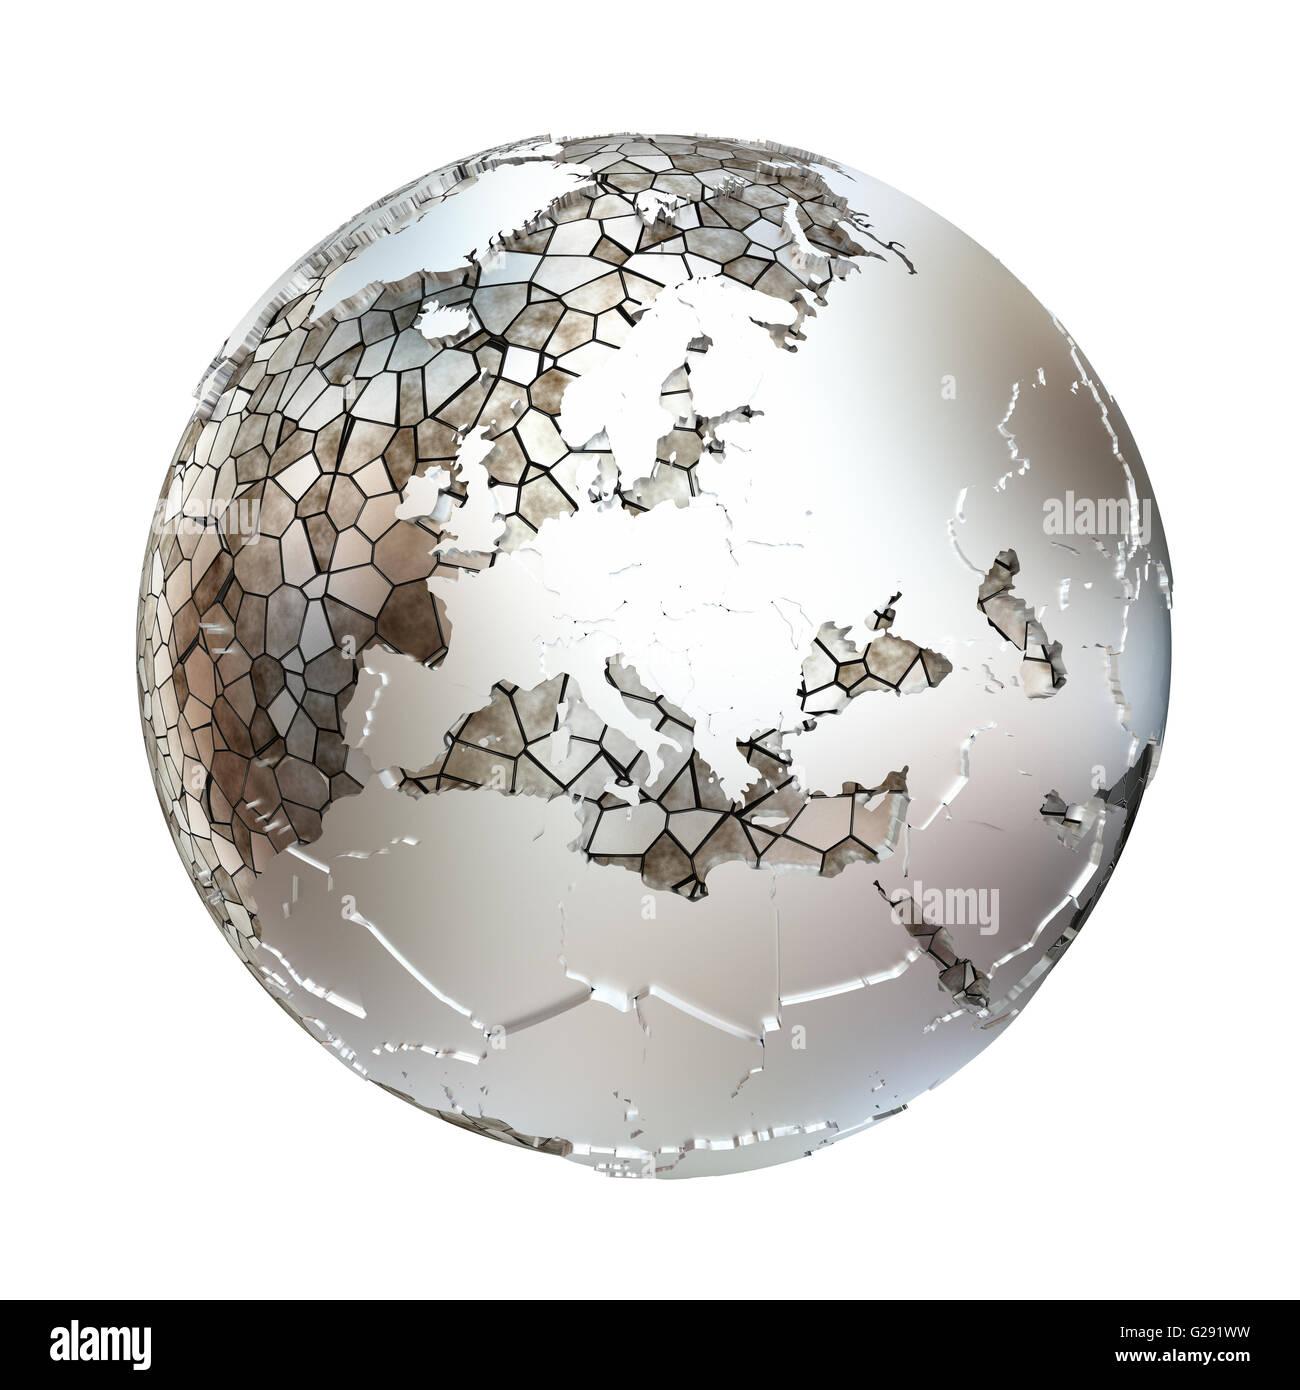 Europe On Metallic Model Of Planet Earth Shiny Steel